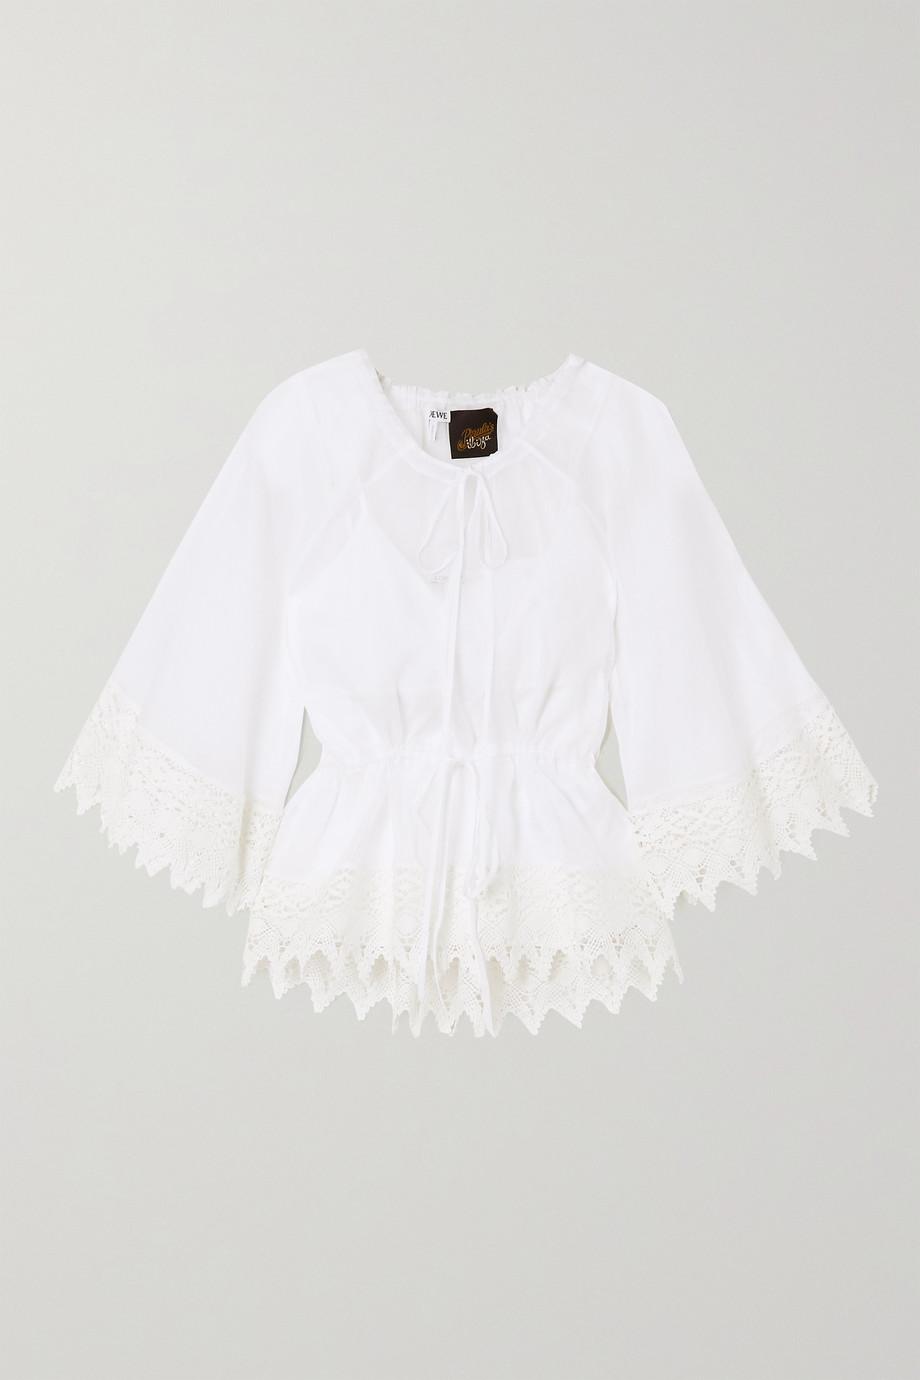 Loewe + Paula's Ibiza Bluse aus Baumwollorganza mit Besätzen aus Makrameegarn